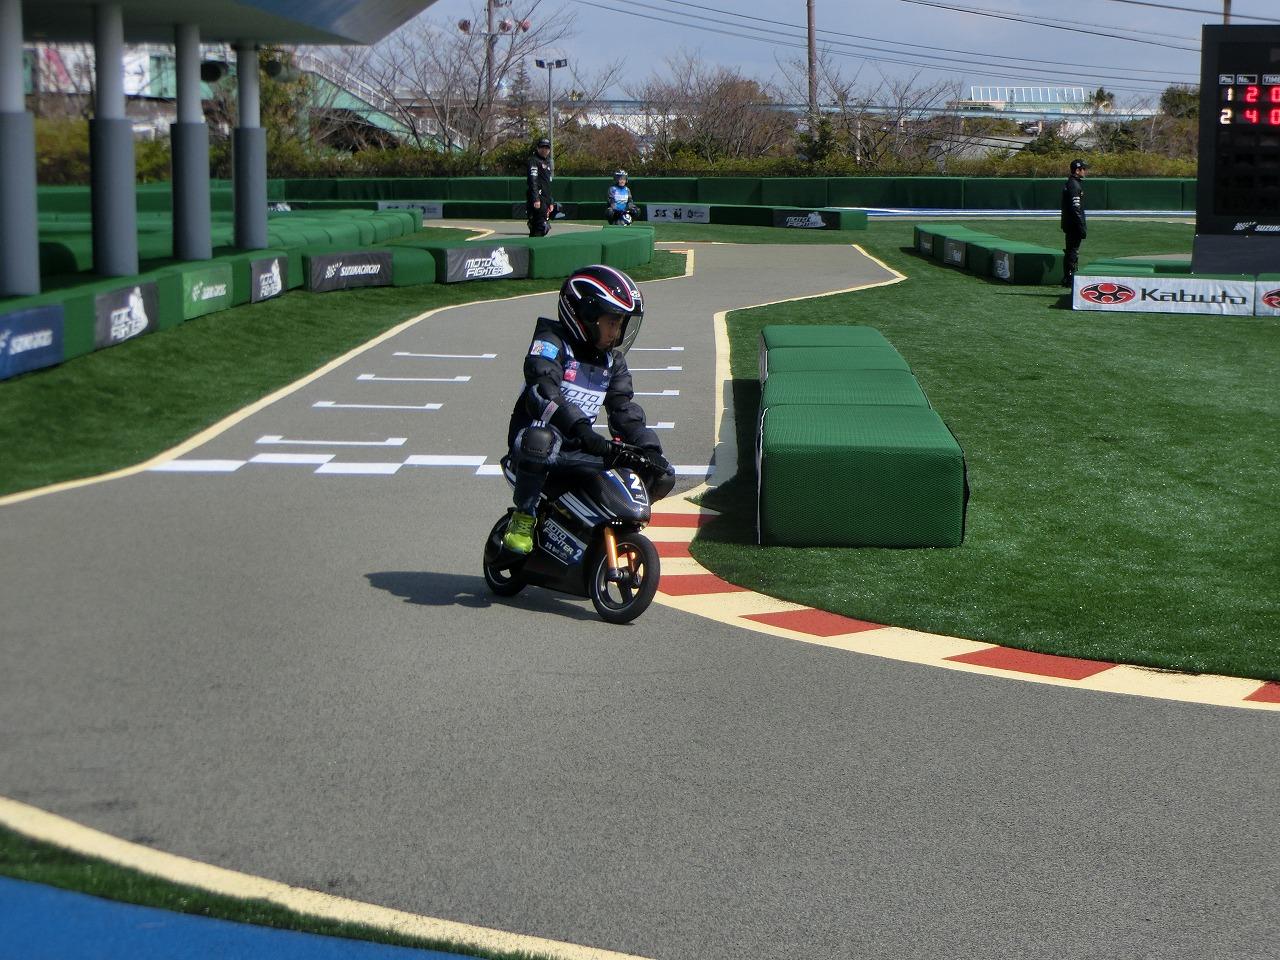 「鈴鹿サーキットに立体オフロードコース!? 親子で楽しめる4つのバイクアトラクションがオープン」の26枚目の画像